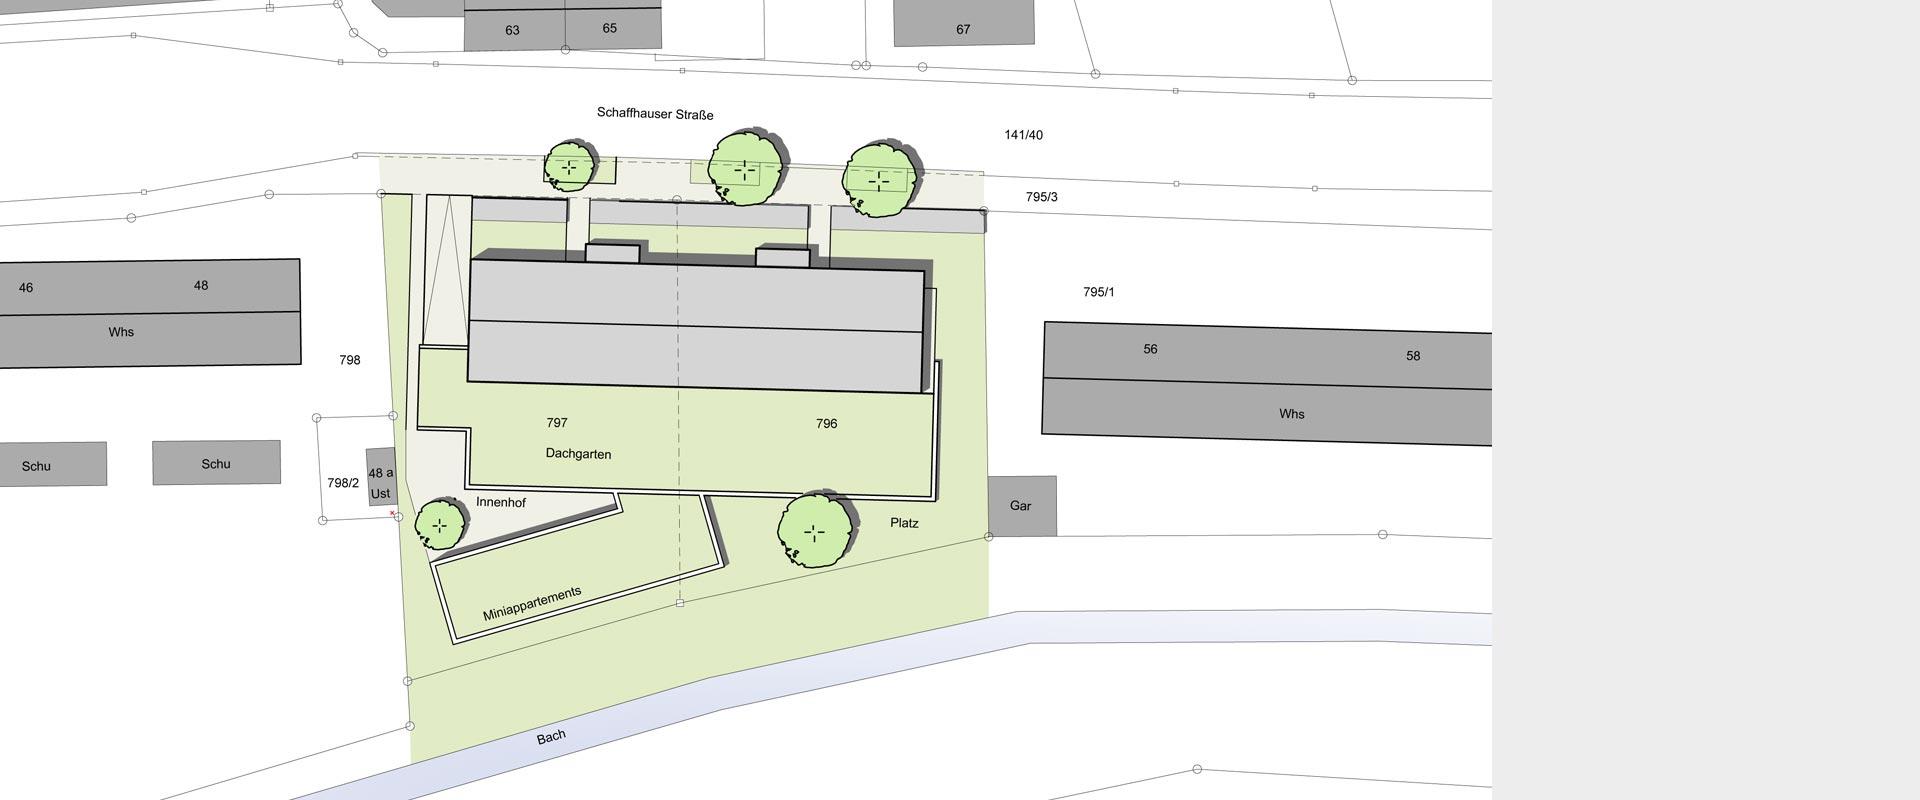 Architekturbüro Musahl Waldshut Wohnanlage Schaffhauser Straße in Tiengen Lageplan